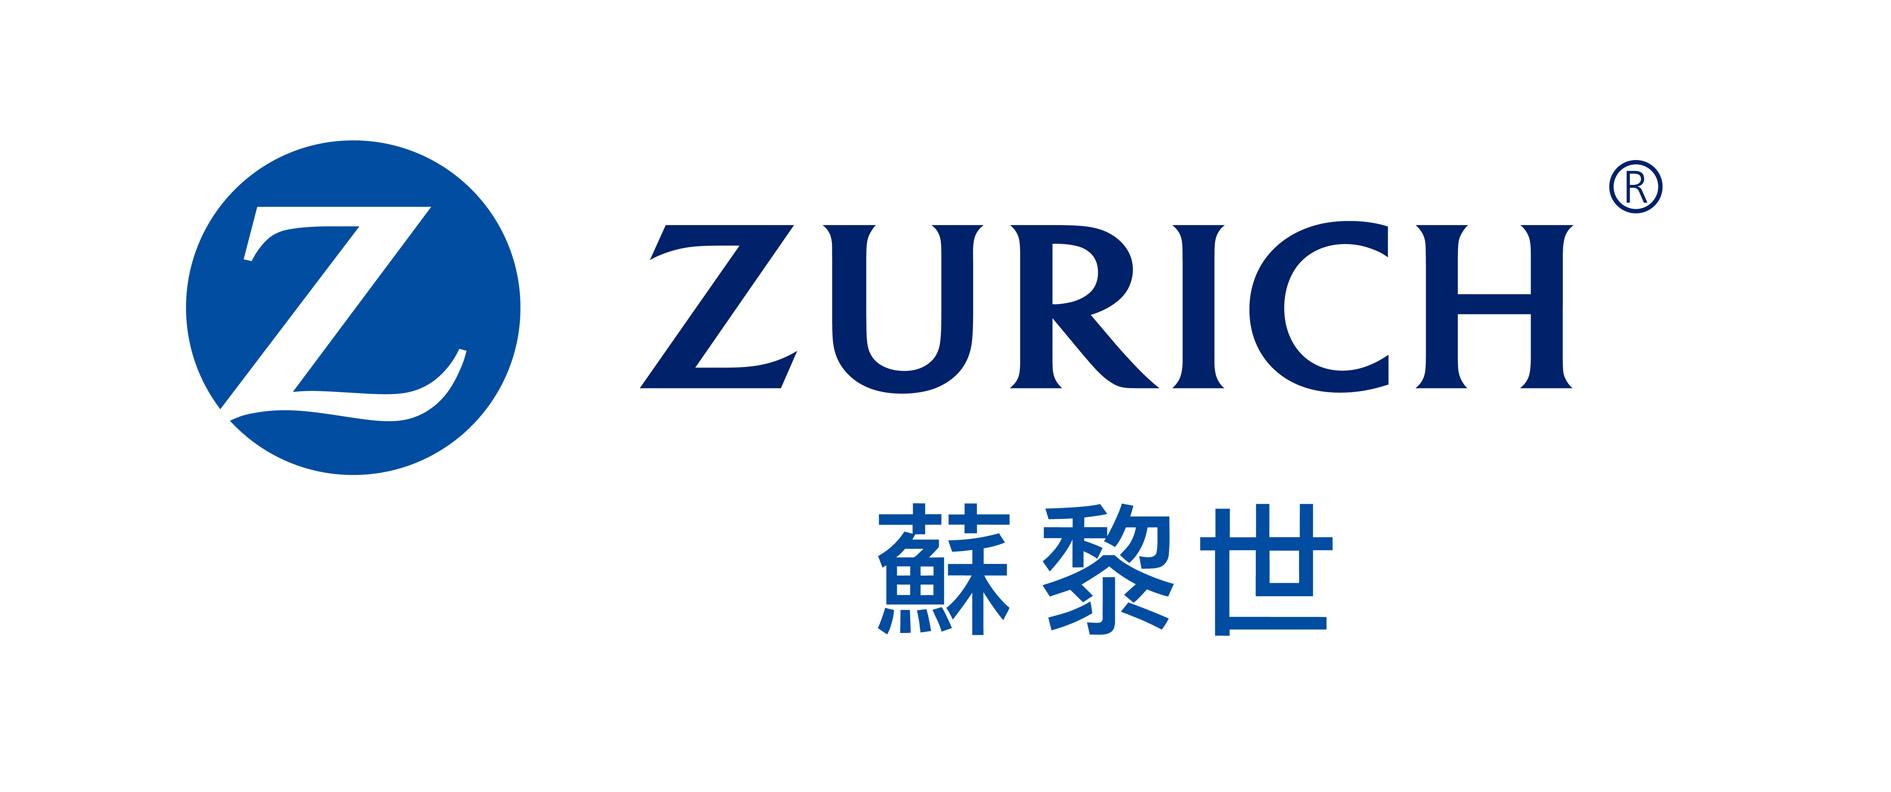 Zurich_logo.jpg